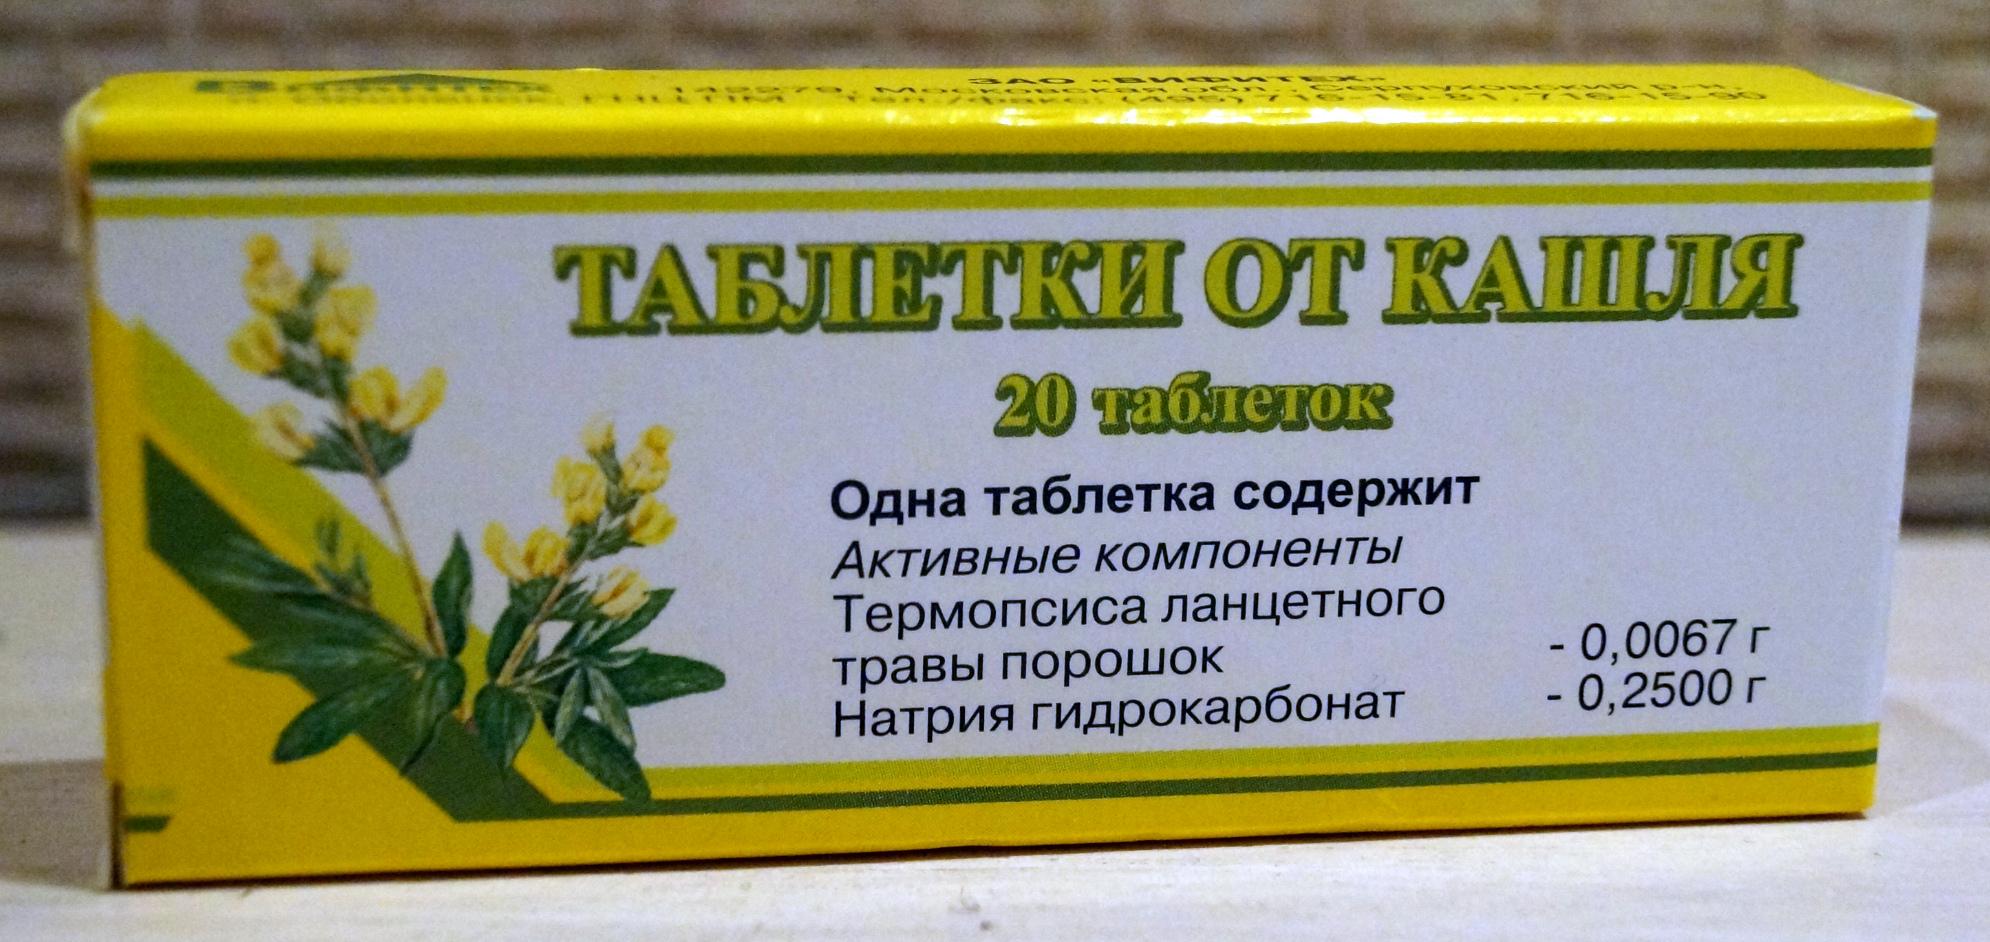 какие бывают лекарства от кашля в картинках